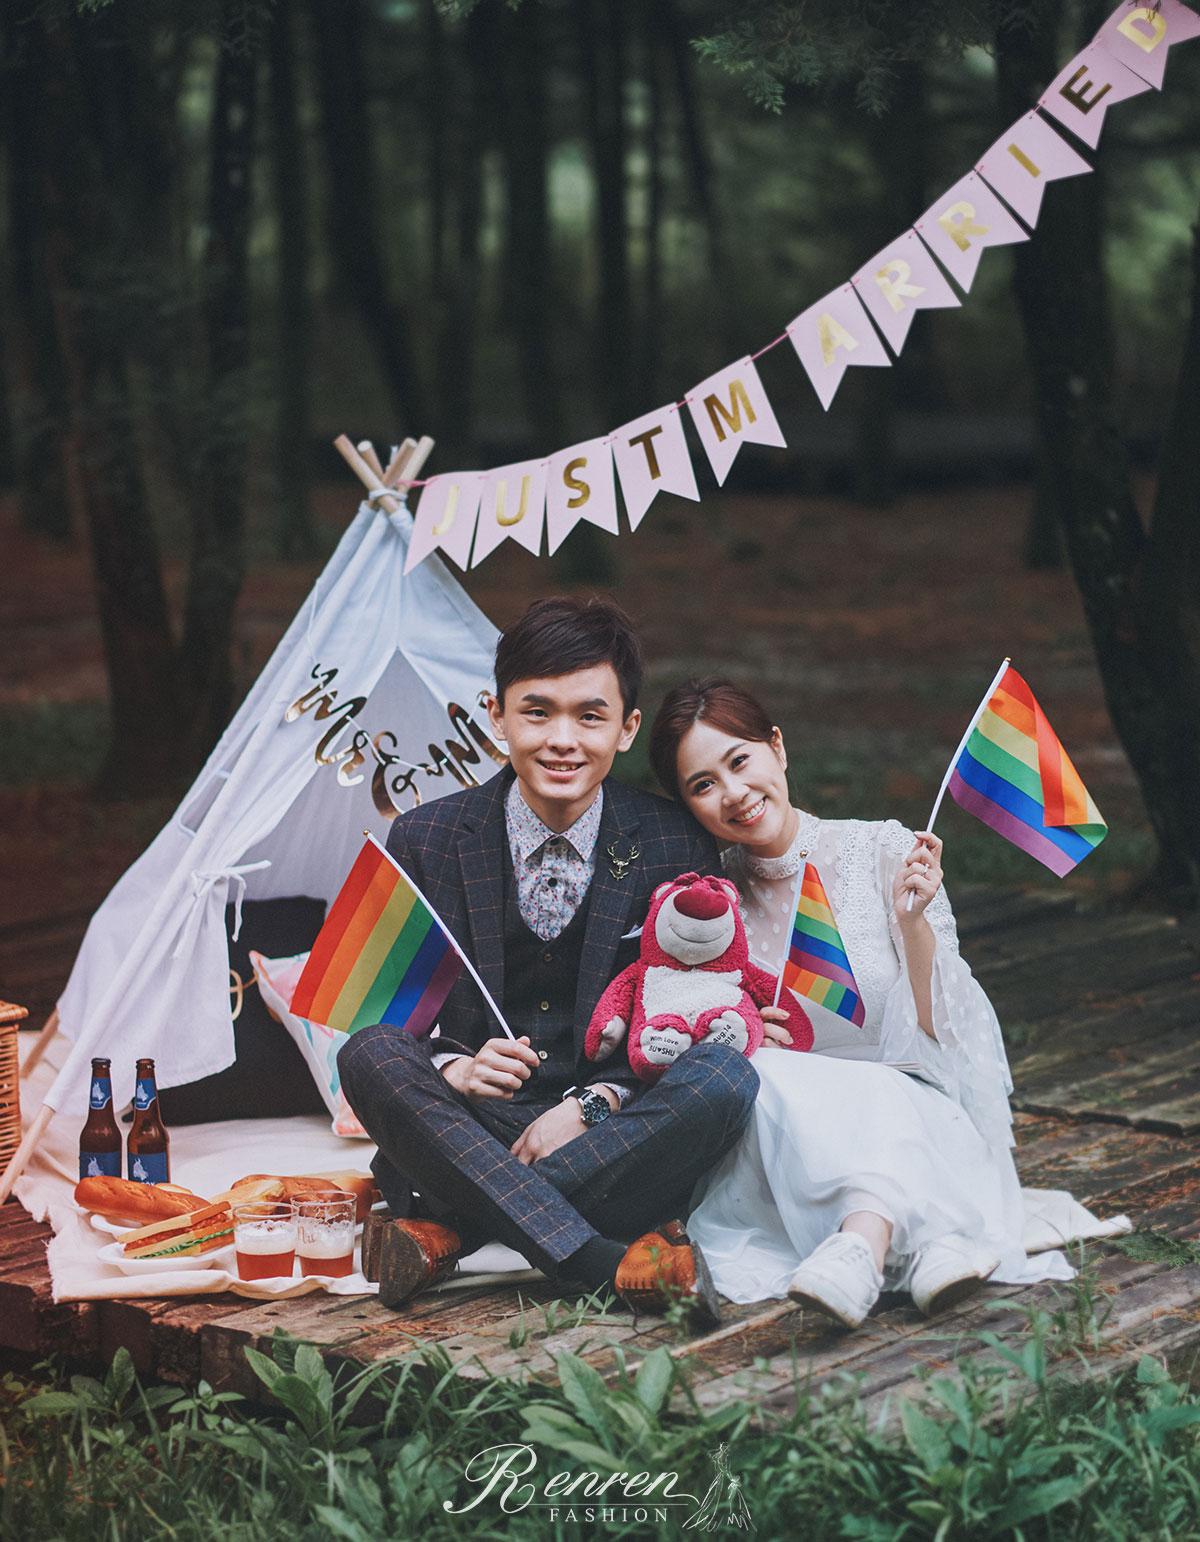 野餐-拍婚紗佈景-婚紗道具-帳篷-冉冉婚紗